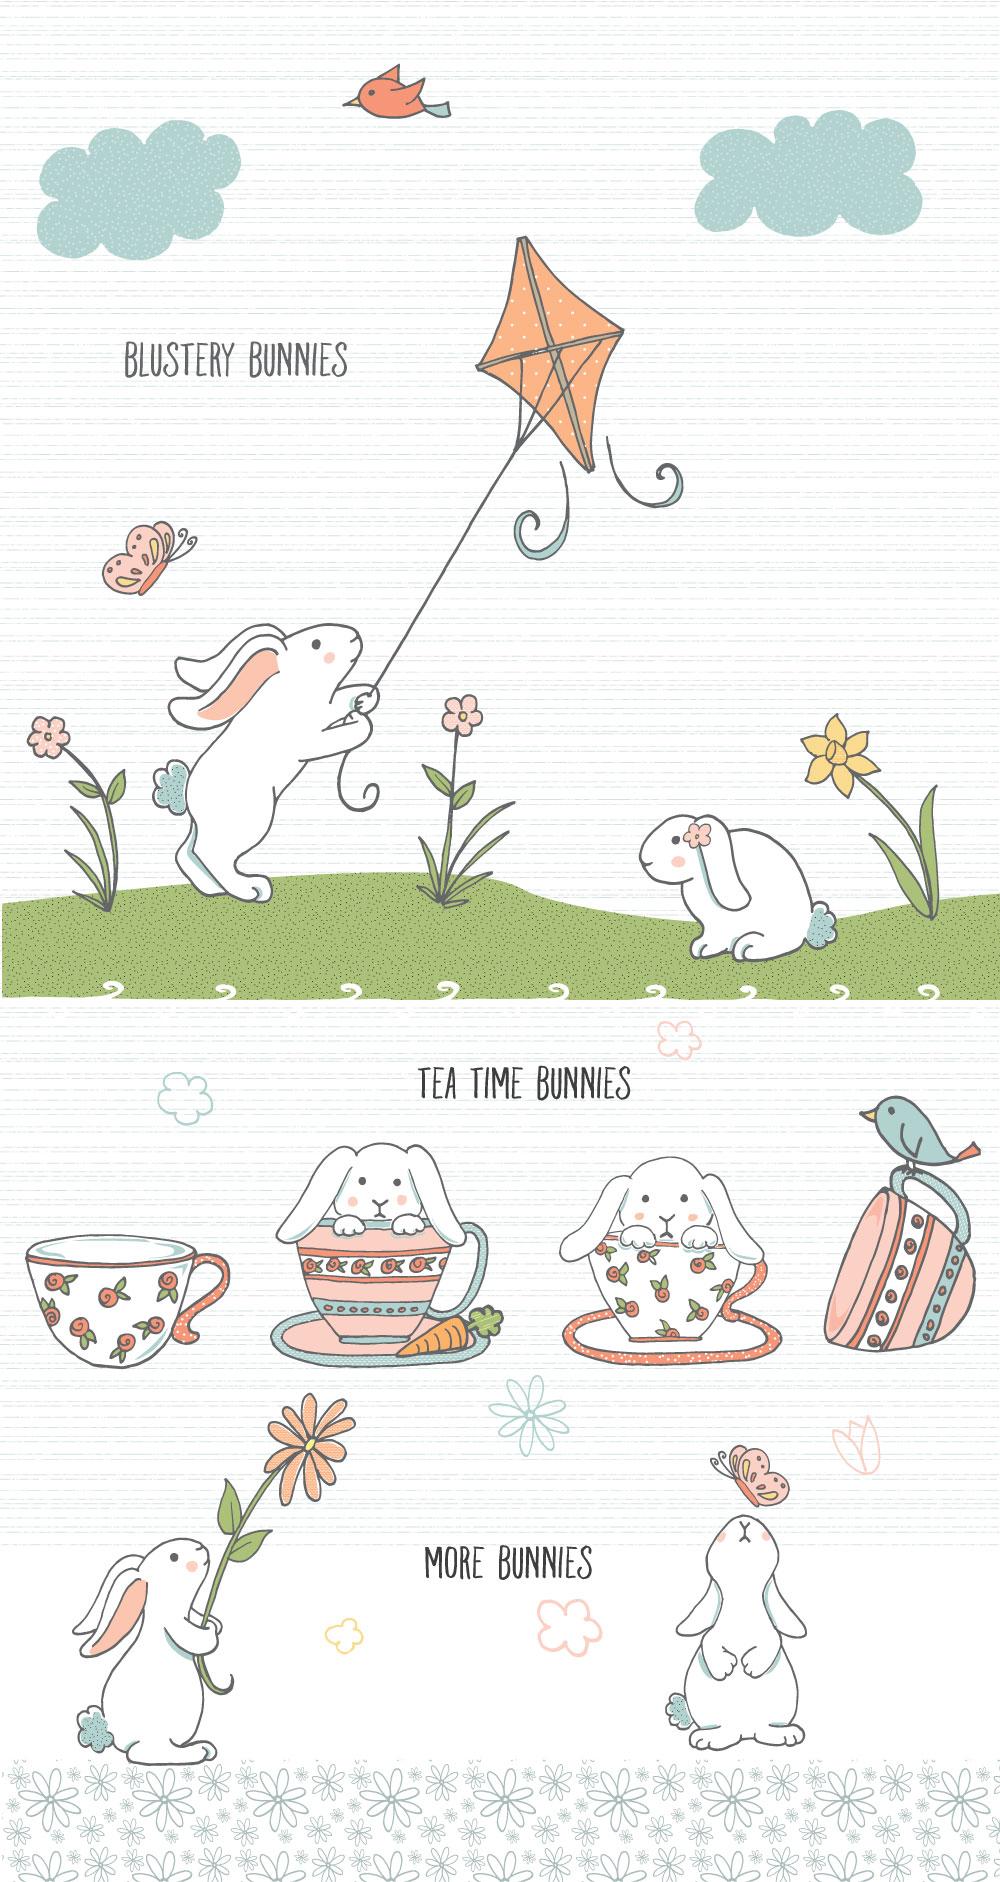 Bunny-etsy-pic2.jpg